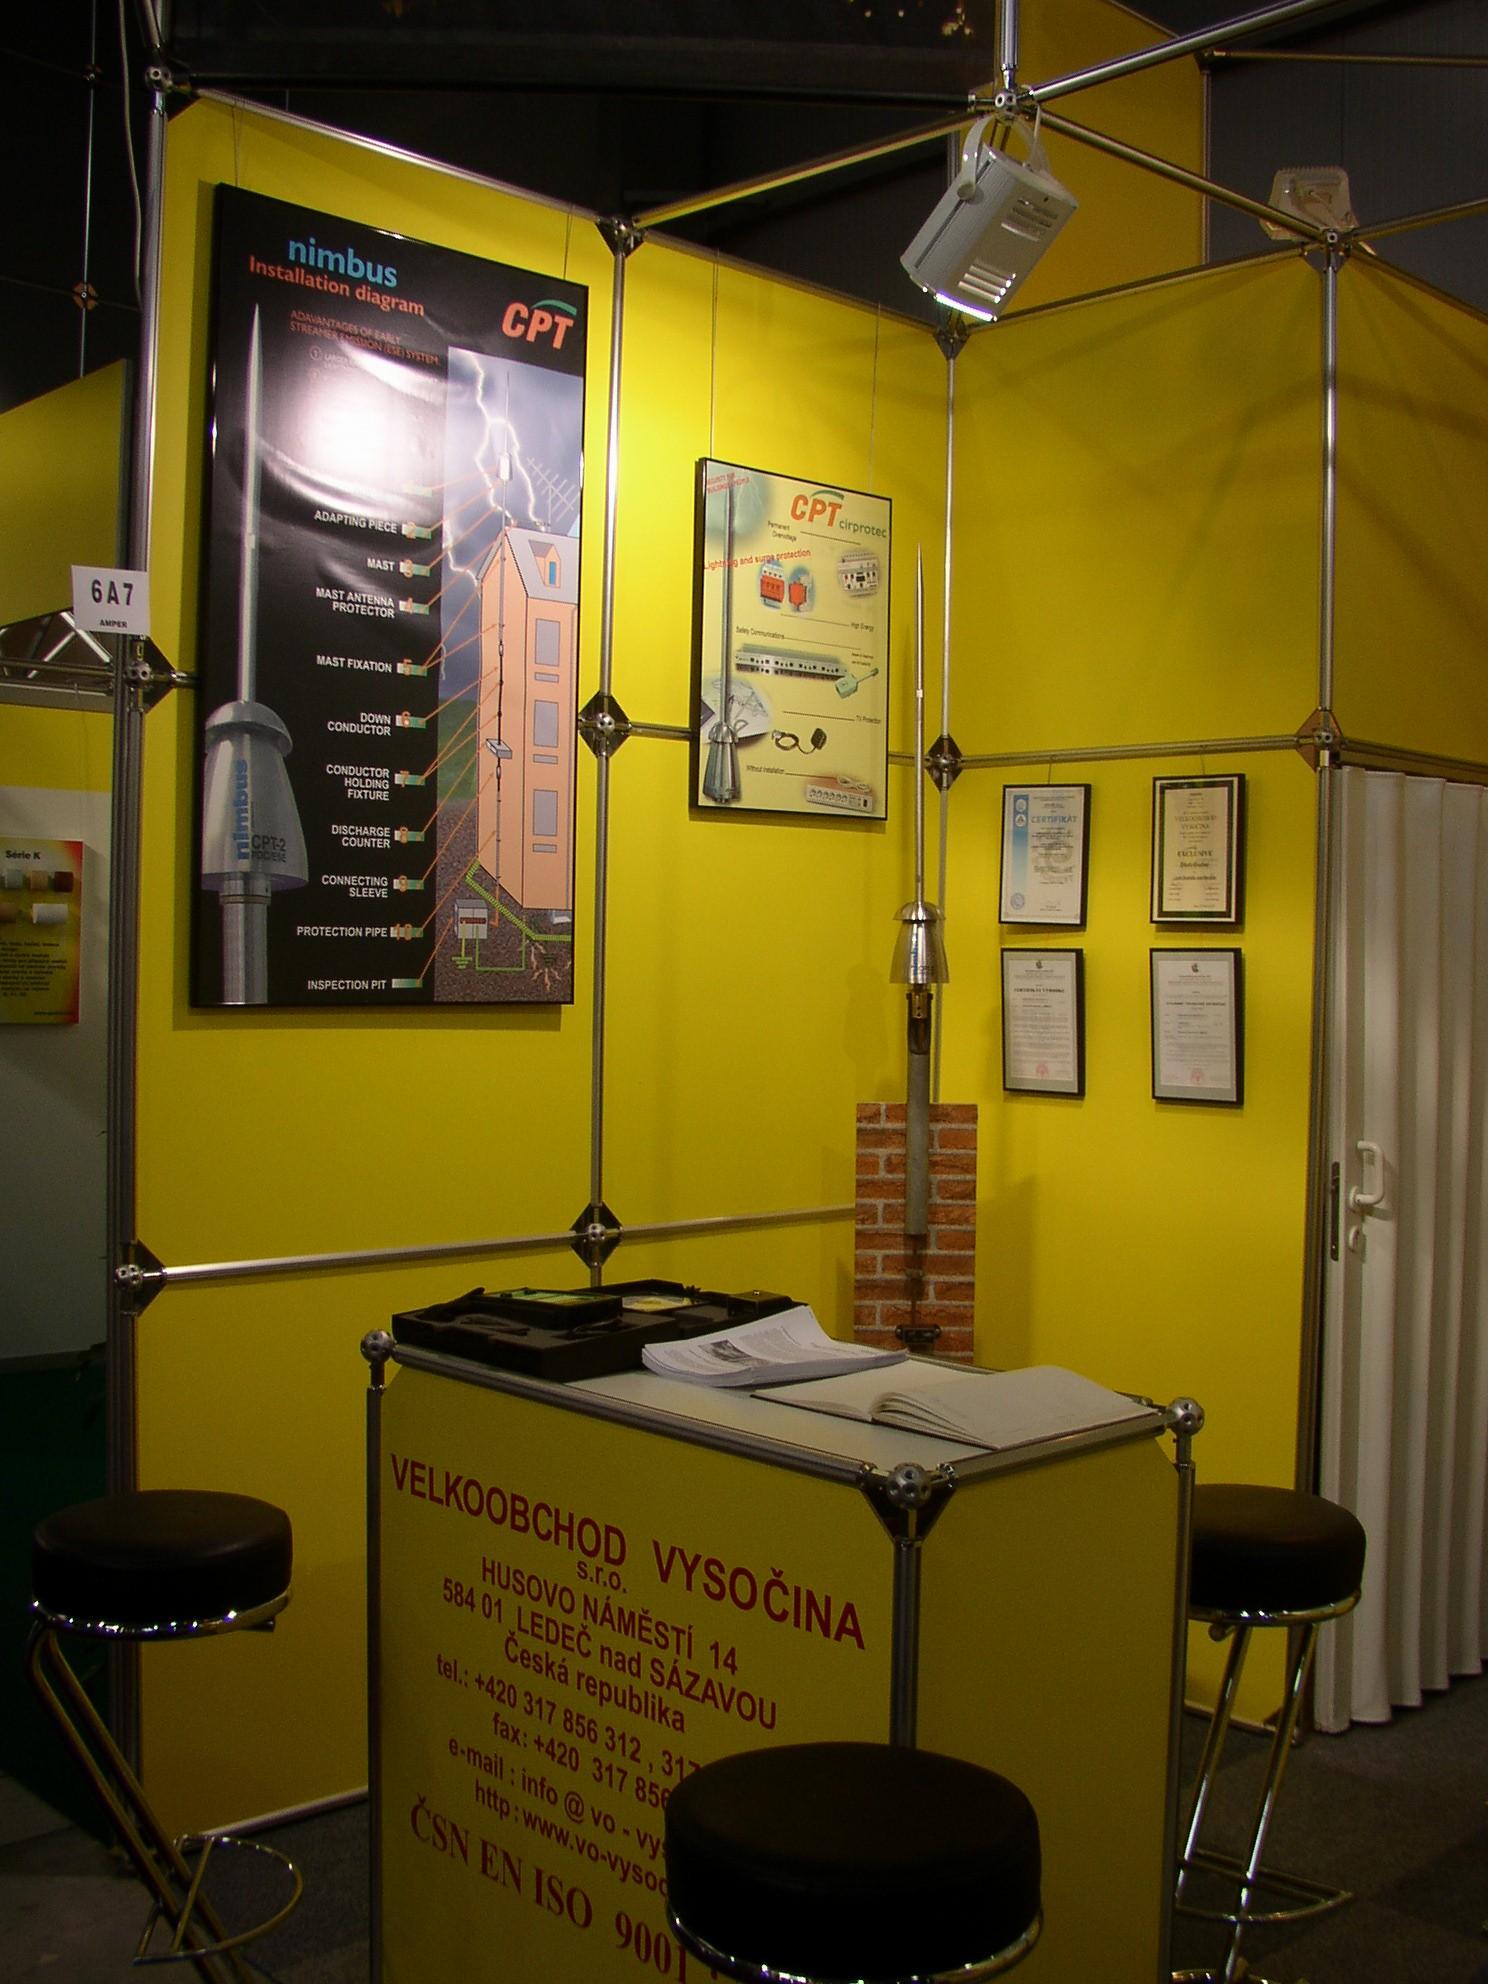 Active lightning conductors - Velkoobchod Vysocina (Wholesale Highlands), the Czech Republic